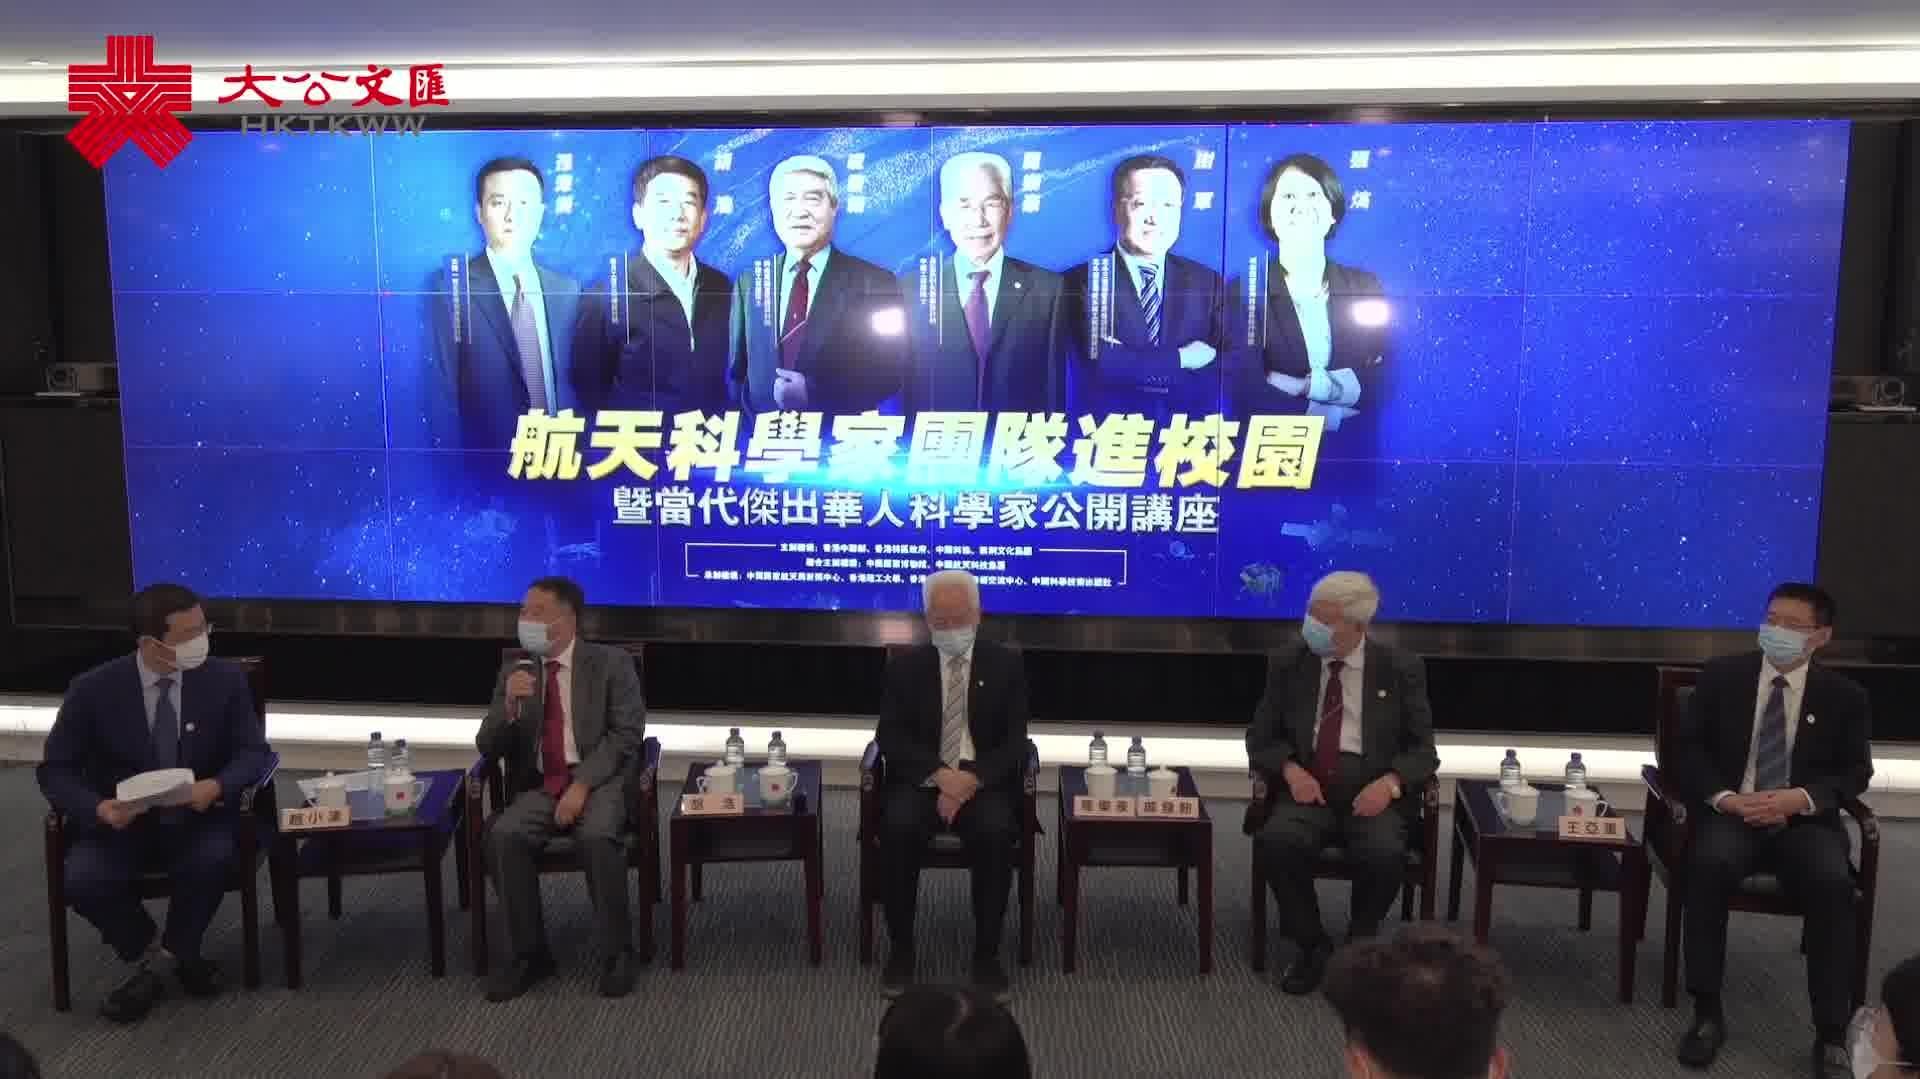 航天團訪港|胡浩:香港在科研方面有鑽研精神 後期將續合作